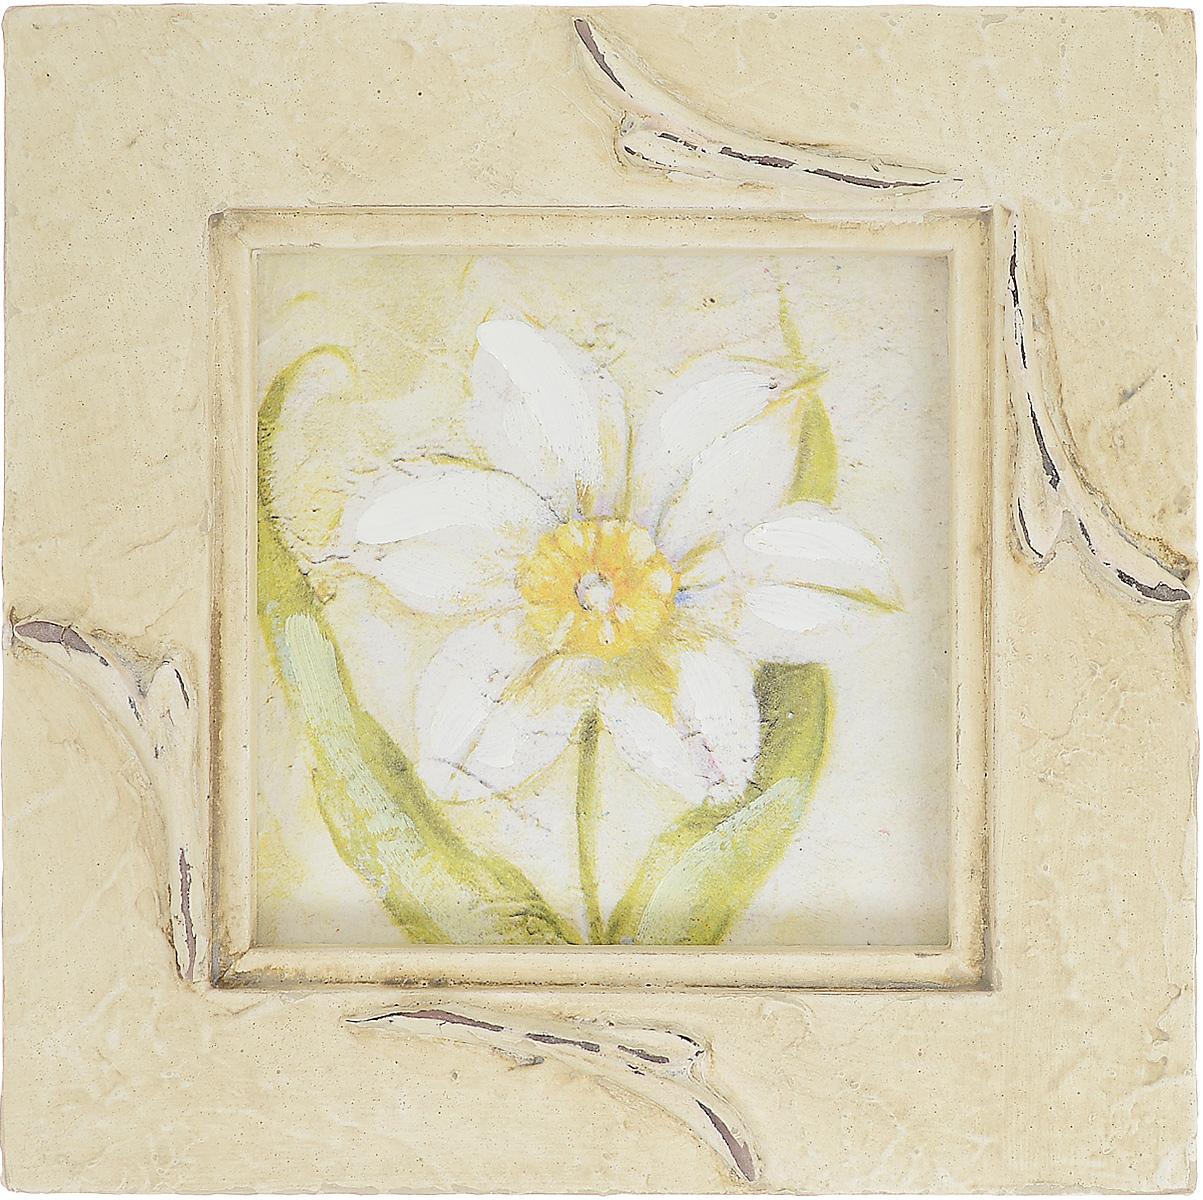 Картина-репродукция Феникс-Презент Нарцисс, 17,8 х 17,8 х 2 смPARIS 75015-8C ANTIQUEКартина-репродукция Феникс-презент Нарцисс в рамке из МДФ выполнена печатью на бумаге с ручной подрисовкой. На оборотной стороне имеется петля для подвешивания на стену.Такая картина - вдохновляющее декоративное решение, привносящее в интерьер нотки творчества и изысканности! Благодаря оригинальному дизайну картина Нарцисс дополнит интерьер любого помещения, а также сможет стать изысканным подарком для ваших друзей и близких.